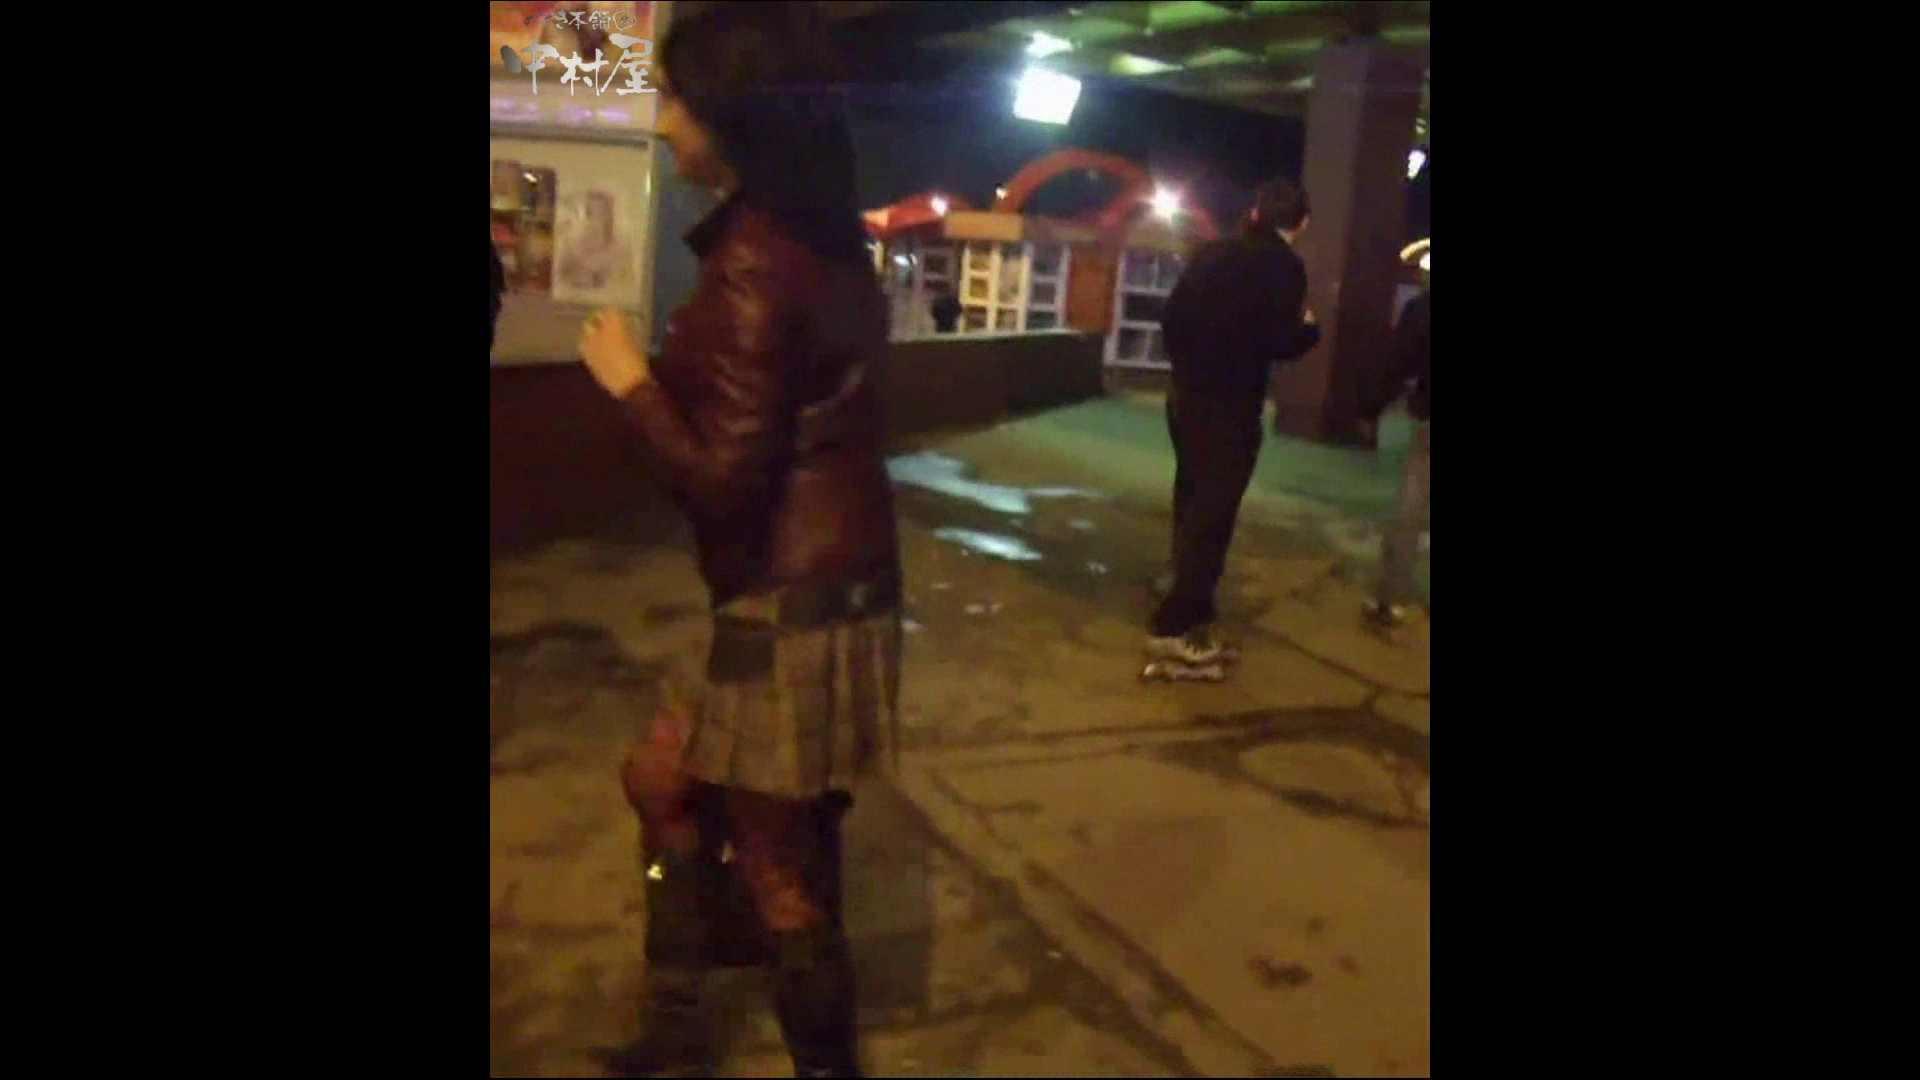 綺麗なモデルさんのスカート捲っちゃおう‼ vol19 お姉さんのエロ動画  110PIX 110